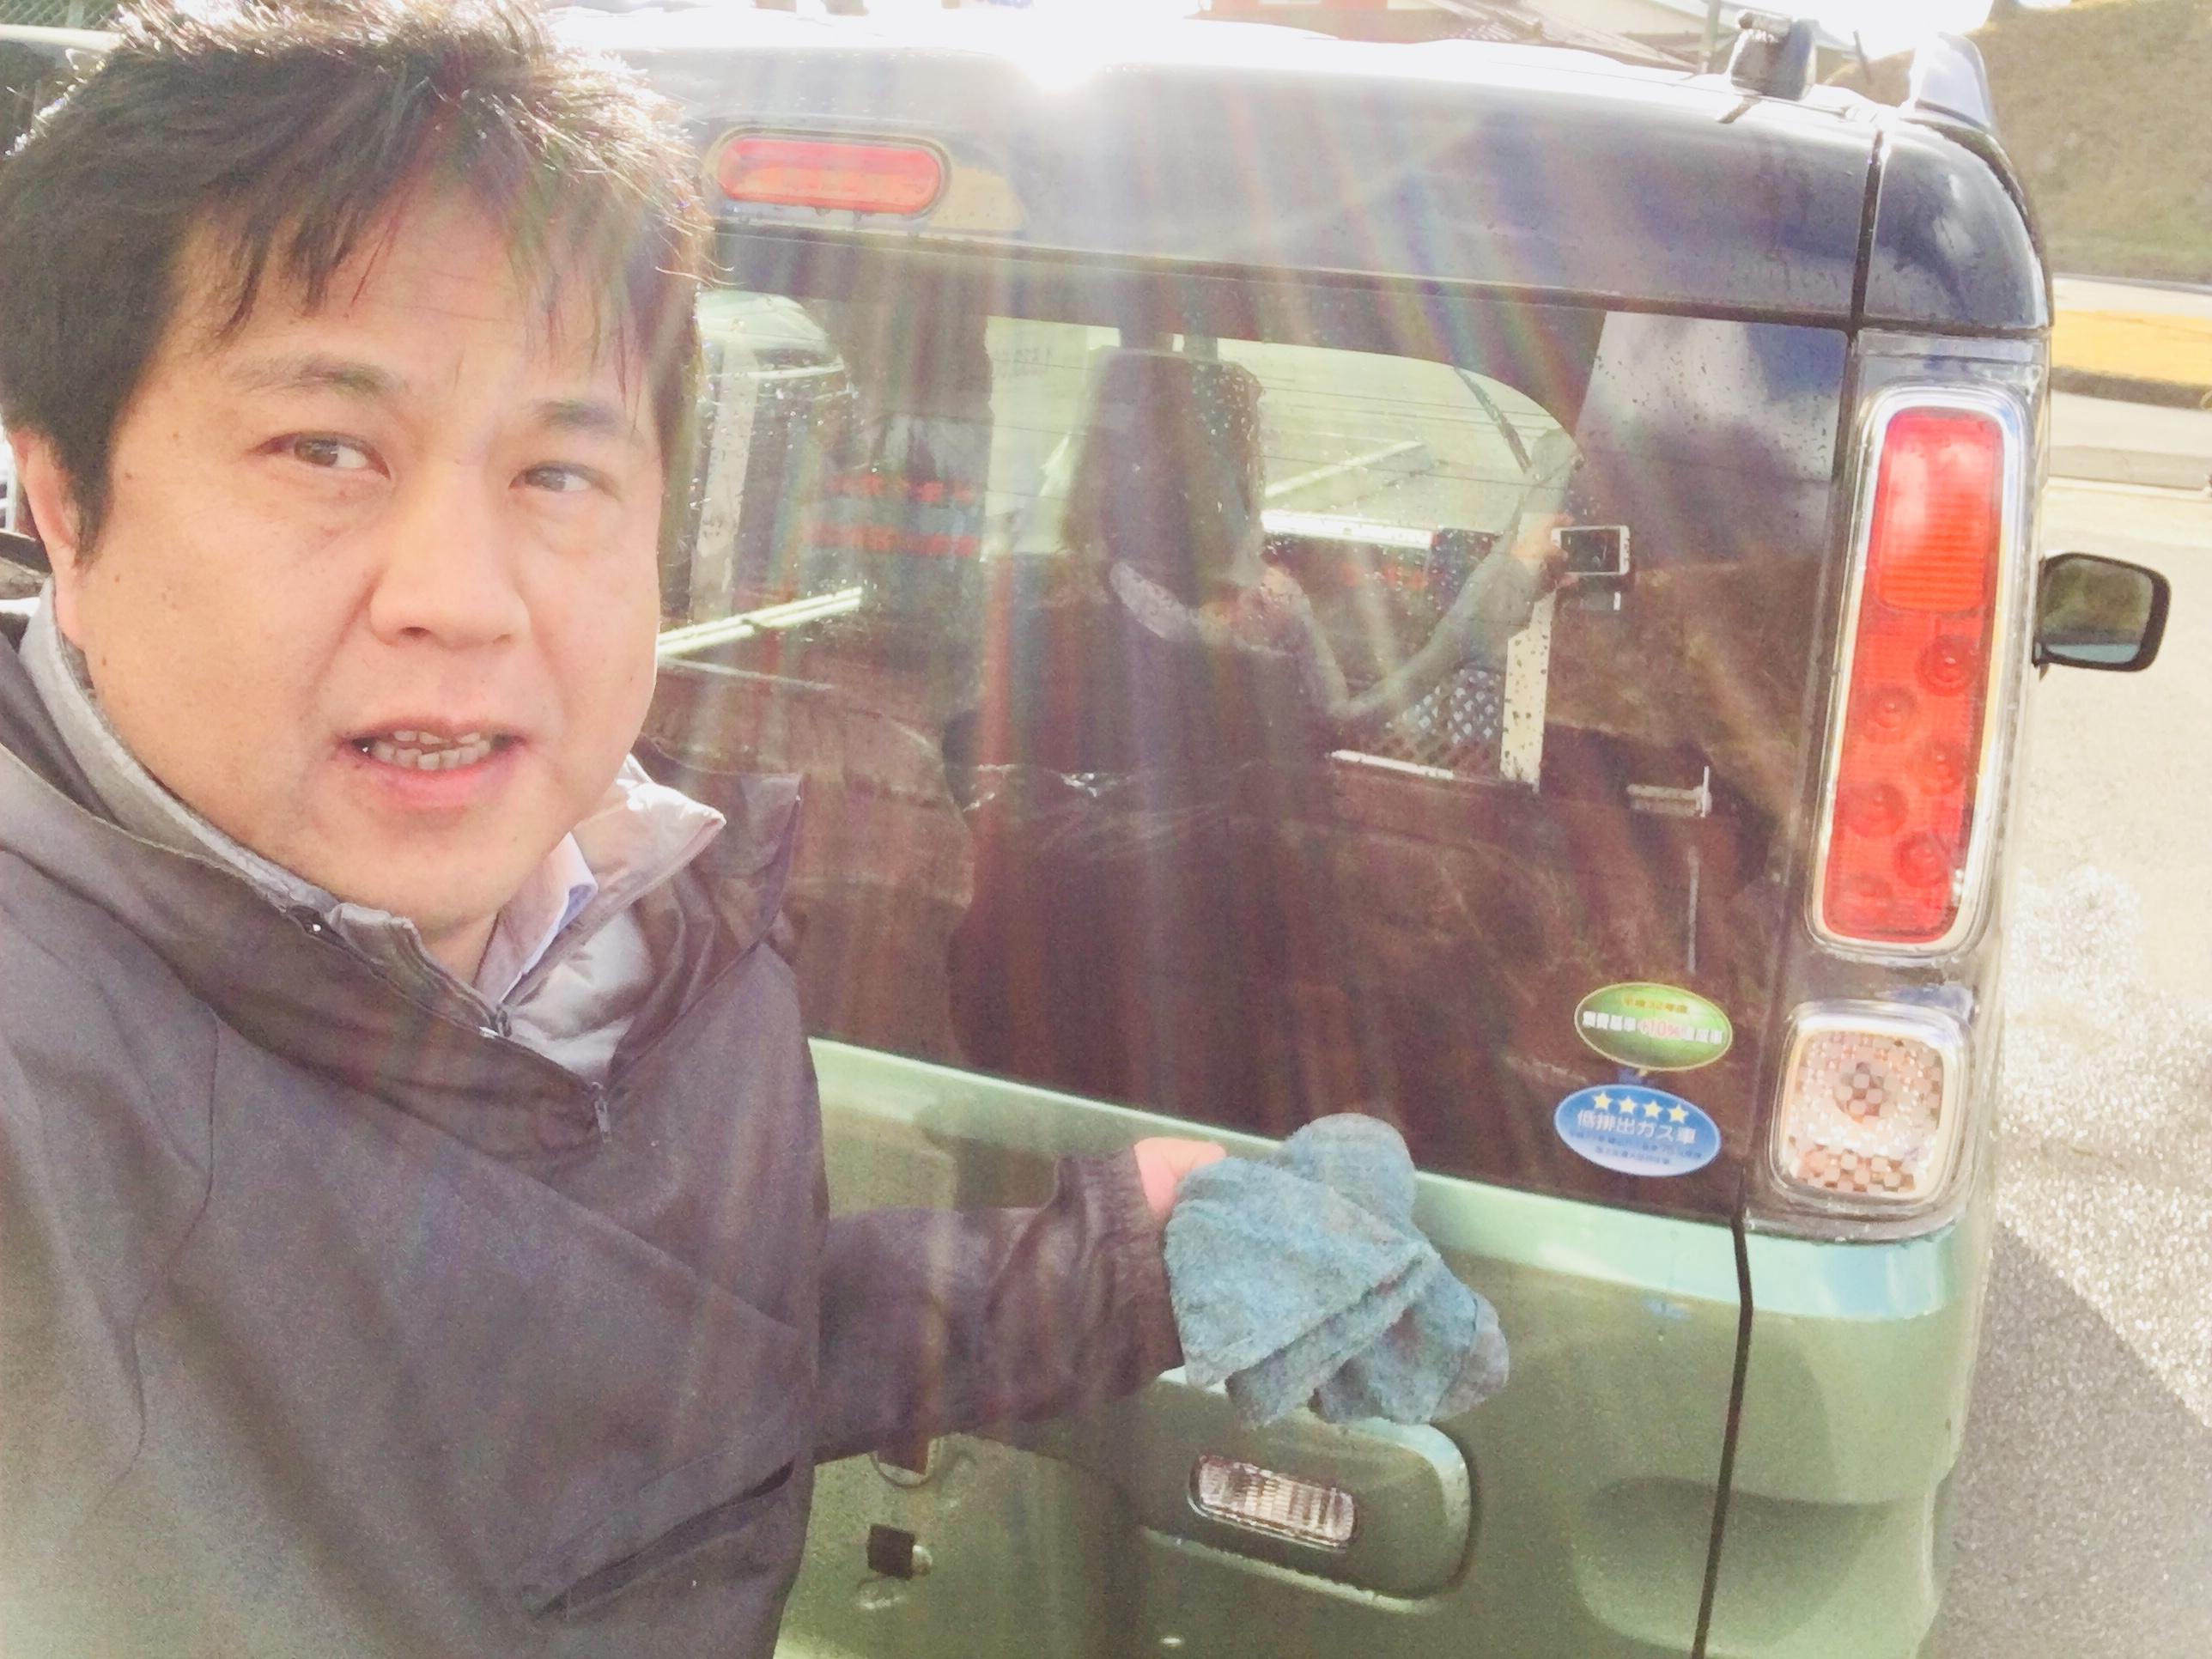 福祉車両改造 マガ日記 201903 曲山安宏 アイウェル (有)曲山自動車整備工場